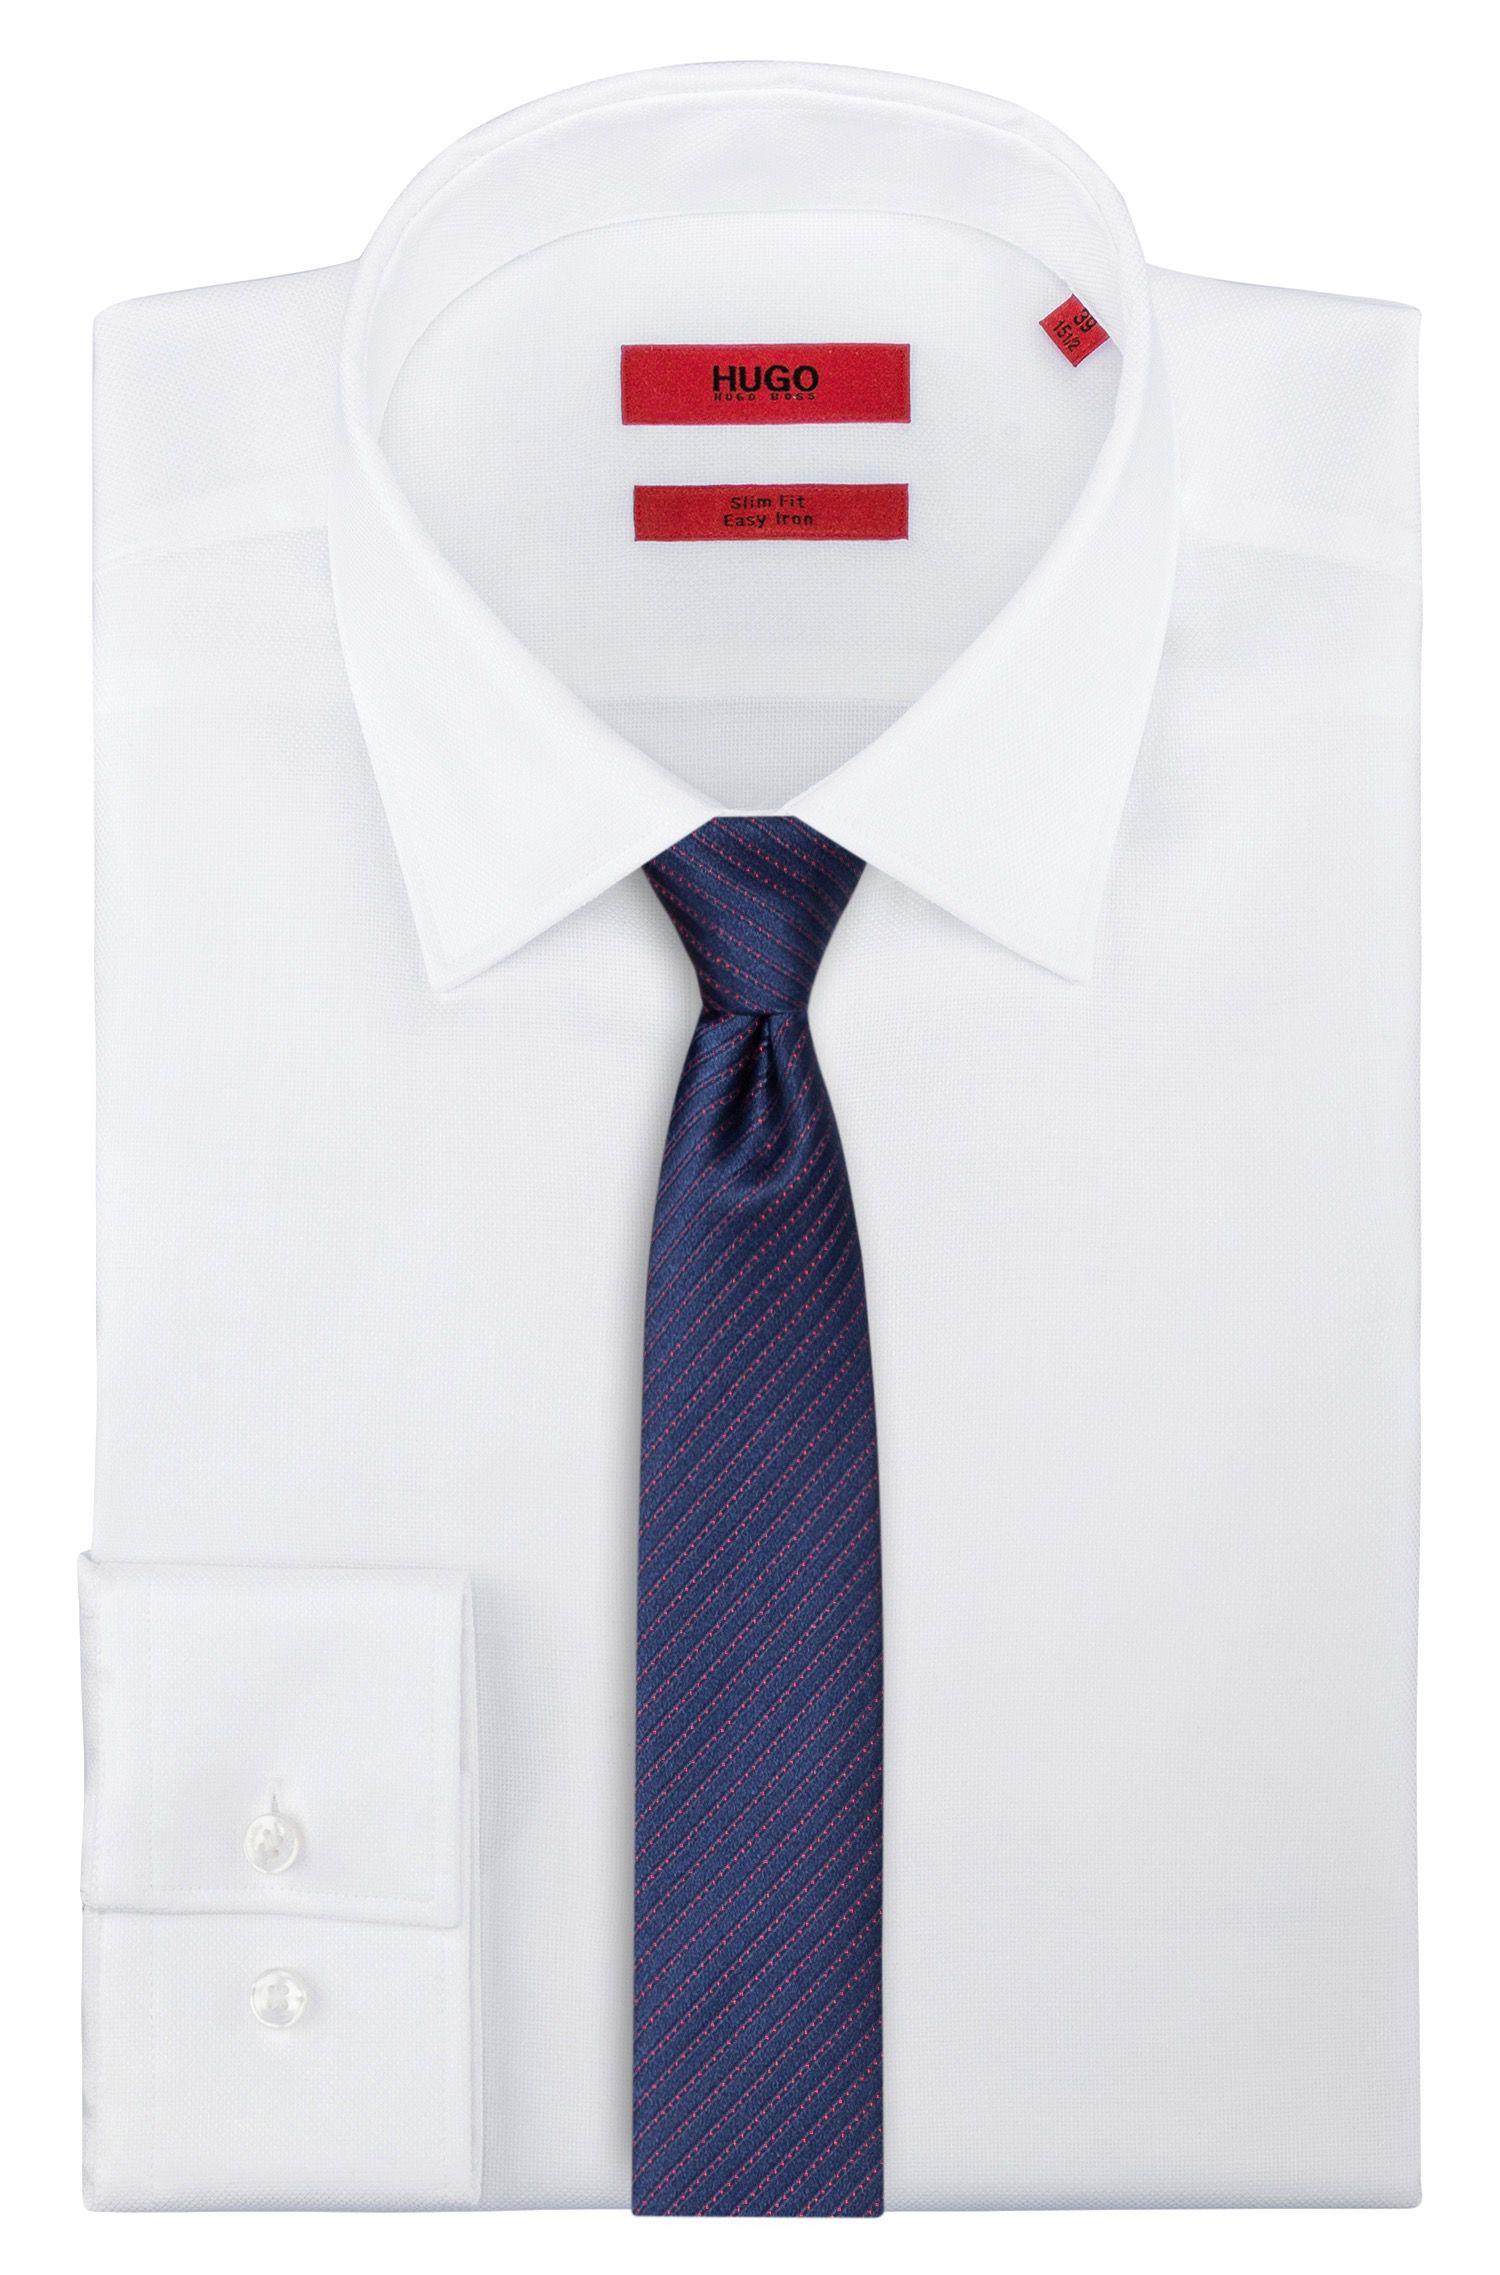 Cravatta in seta jacquard a righe diagonali, Rosa chiaro